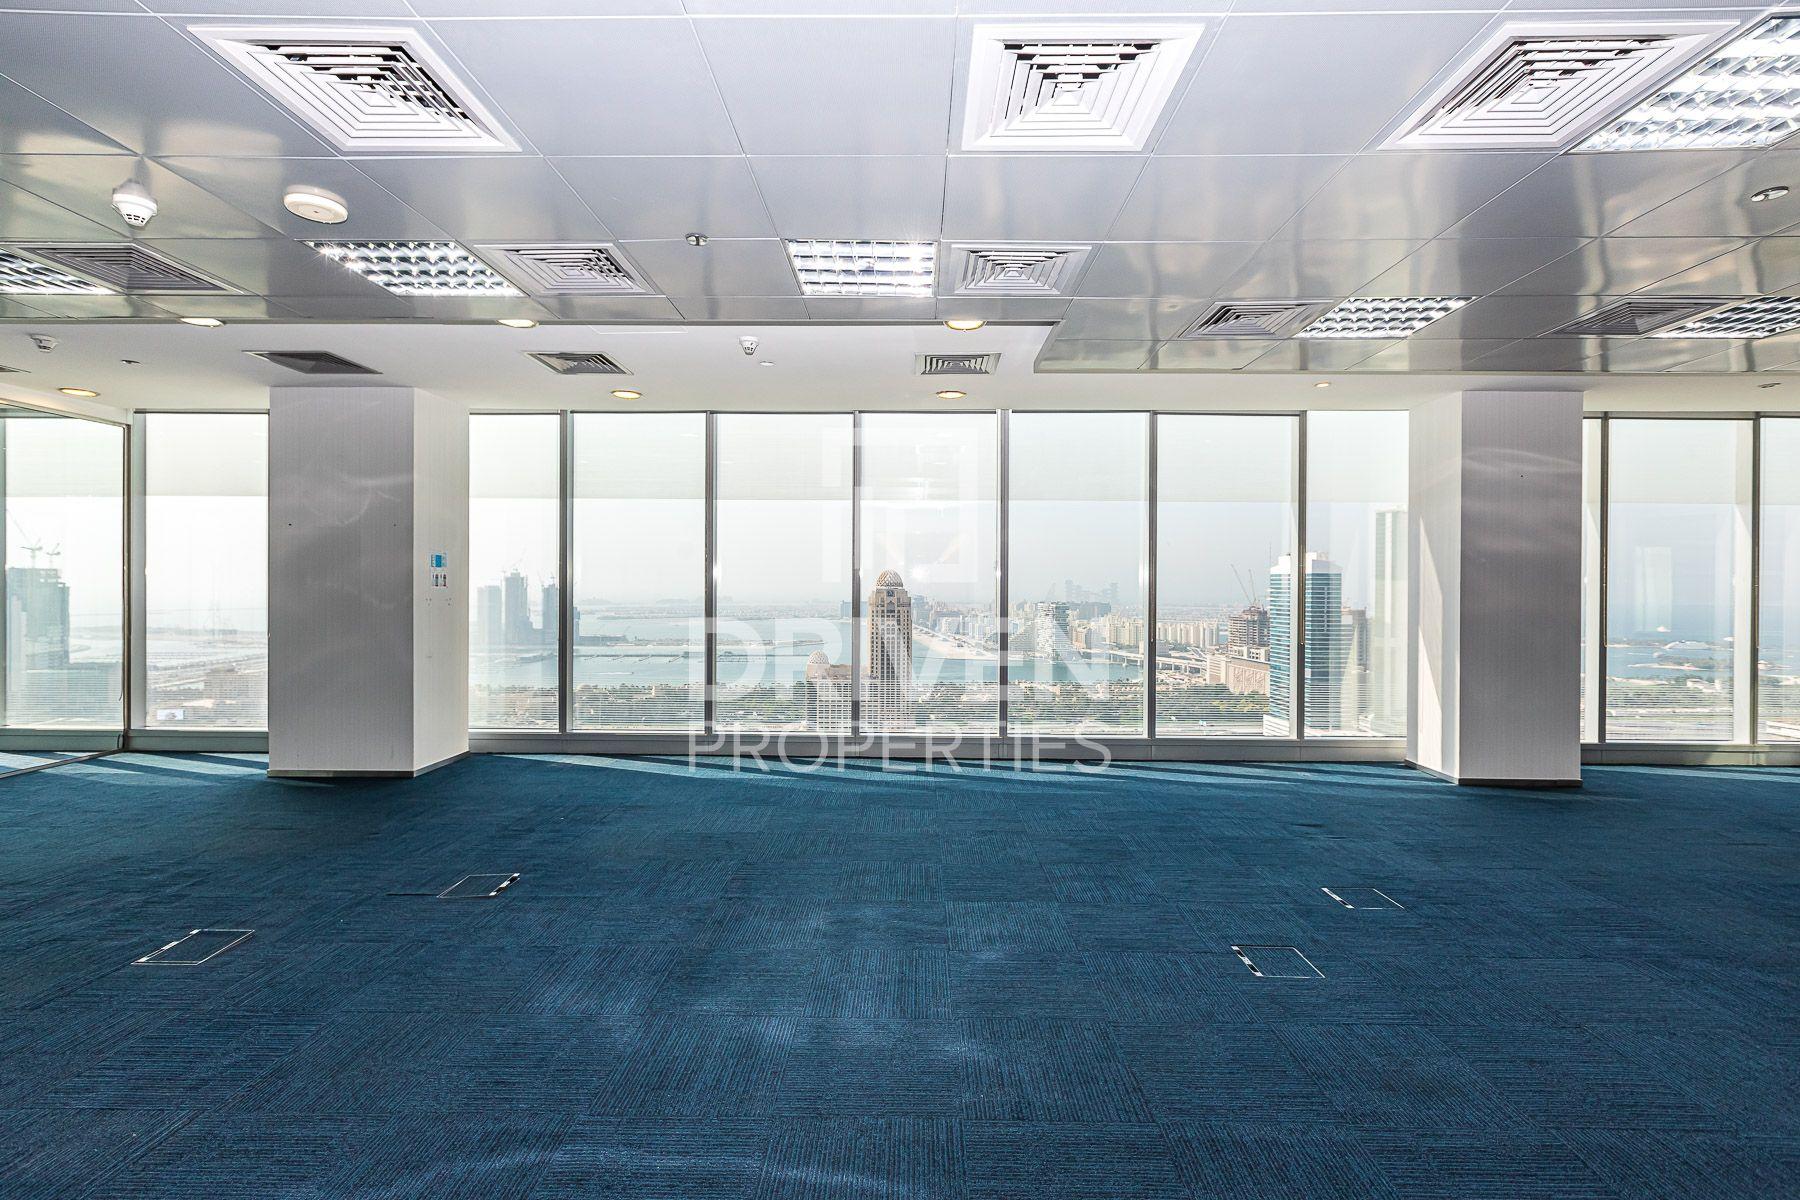 للايجار - مكتب - برج أرنكو - مدينة دبي الإعلامية